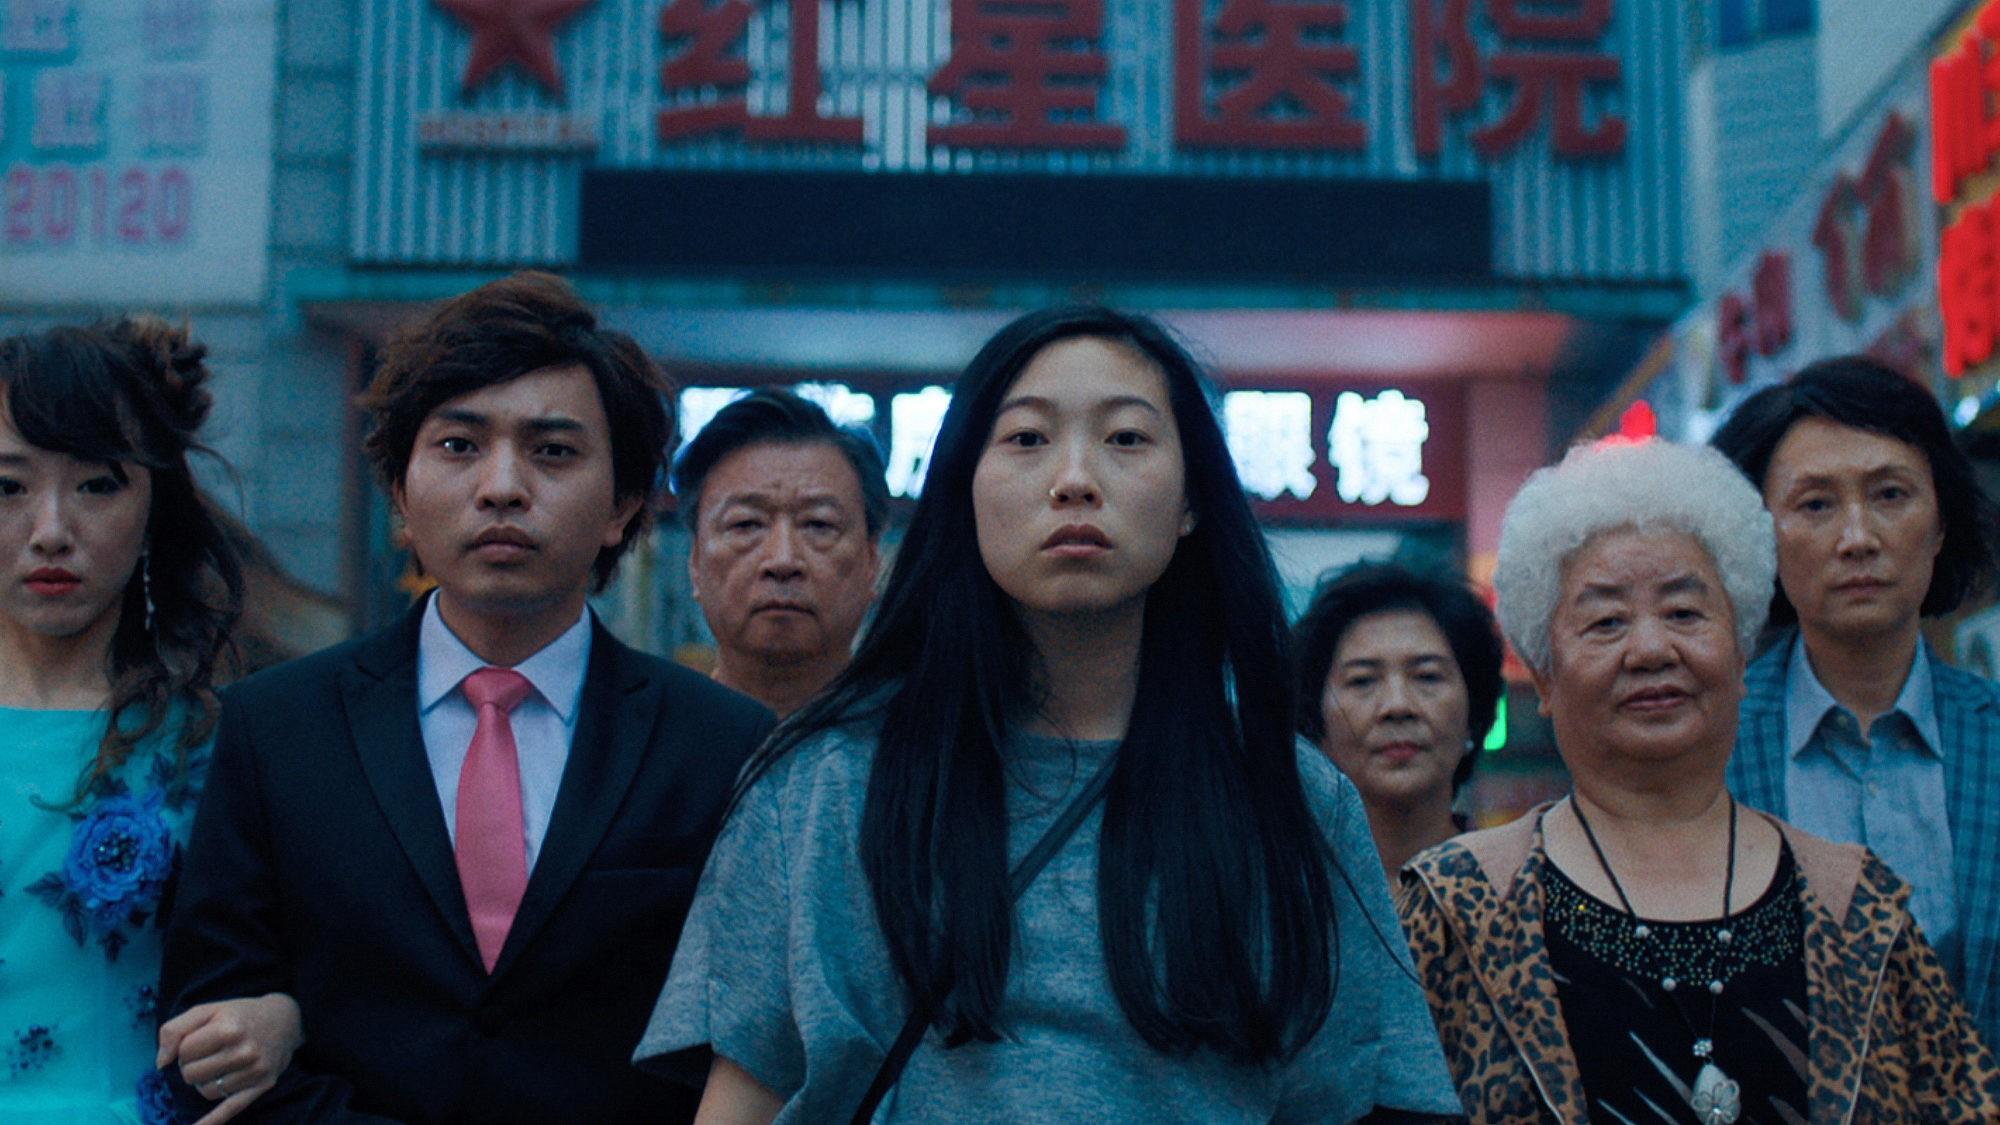 Phim rạp tháng 10: Phim kinh dị Việt rủ nhau lên kệ có quật được loạt bom tấn Hollywood? - Ảnh 11.